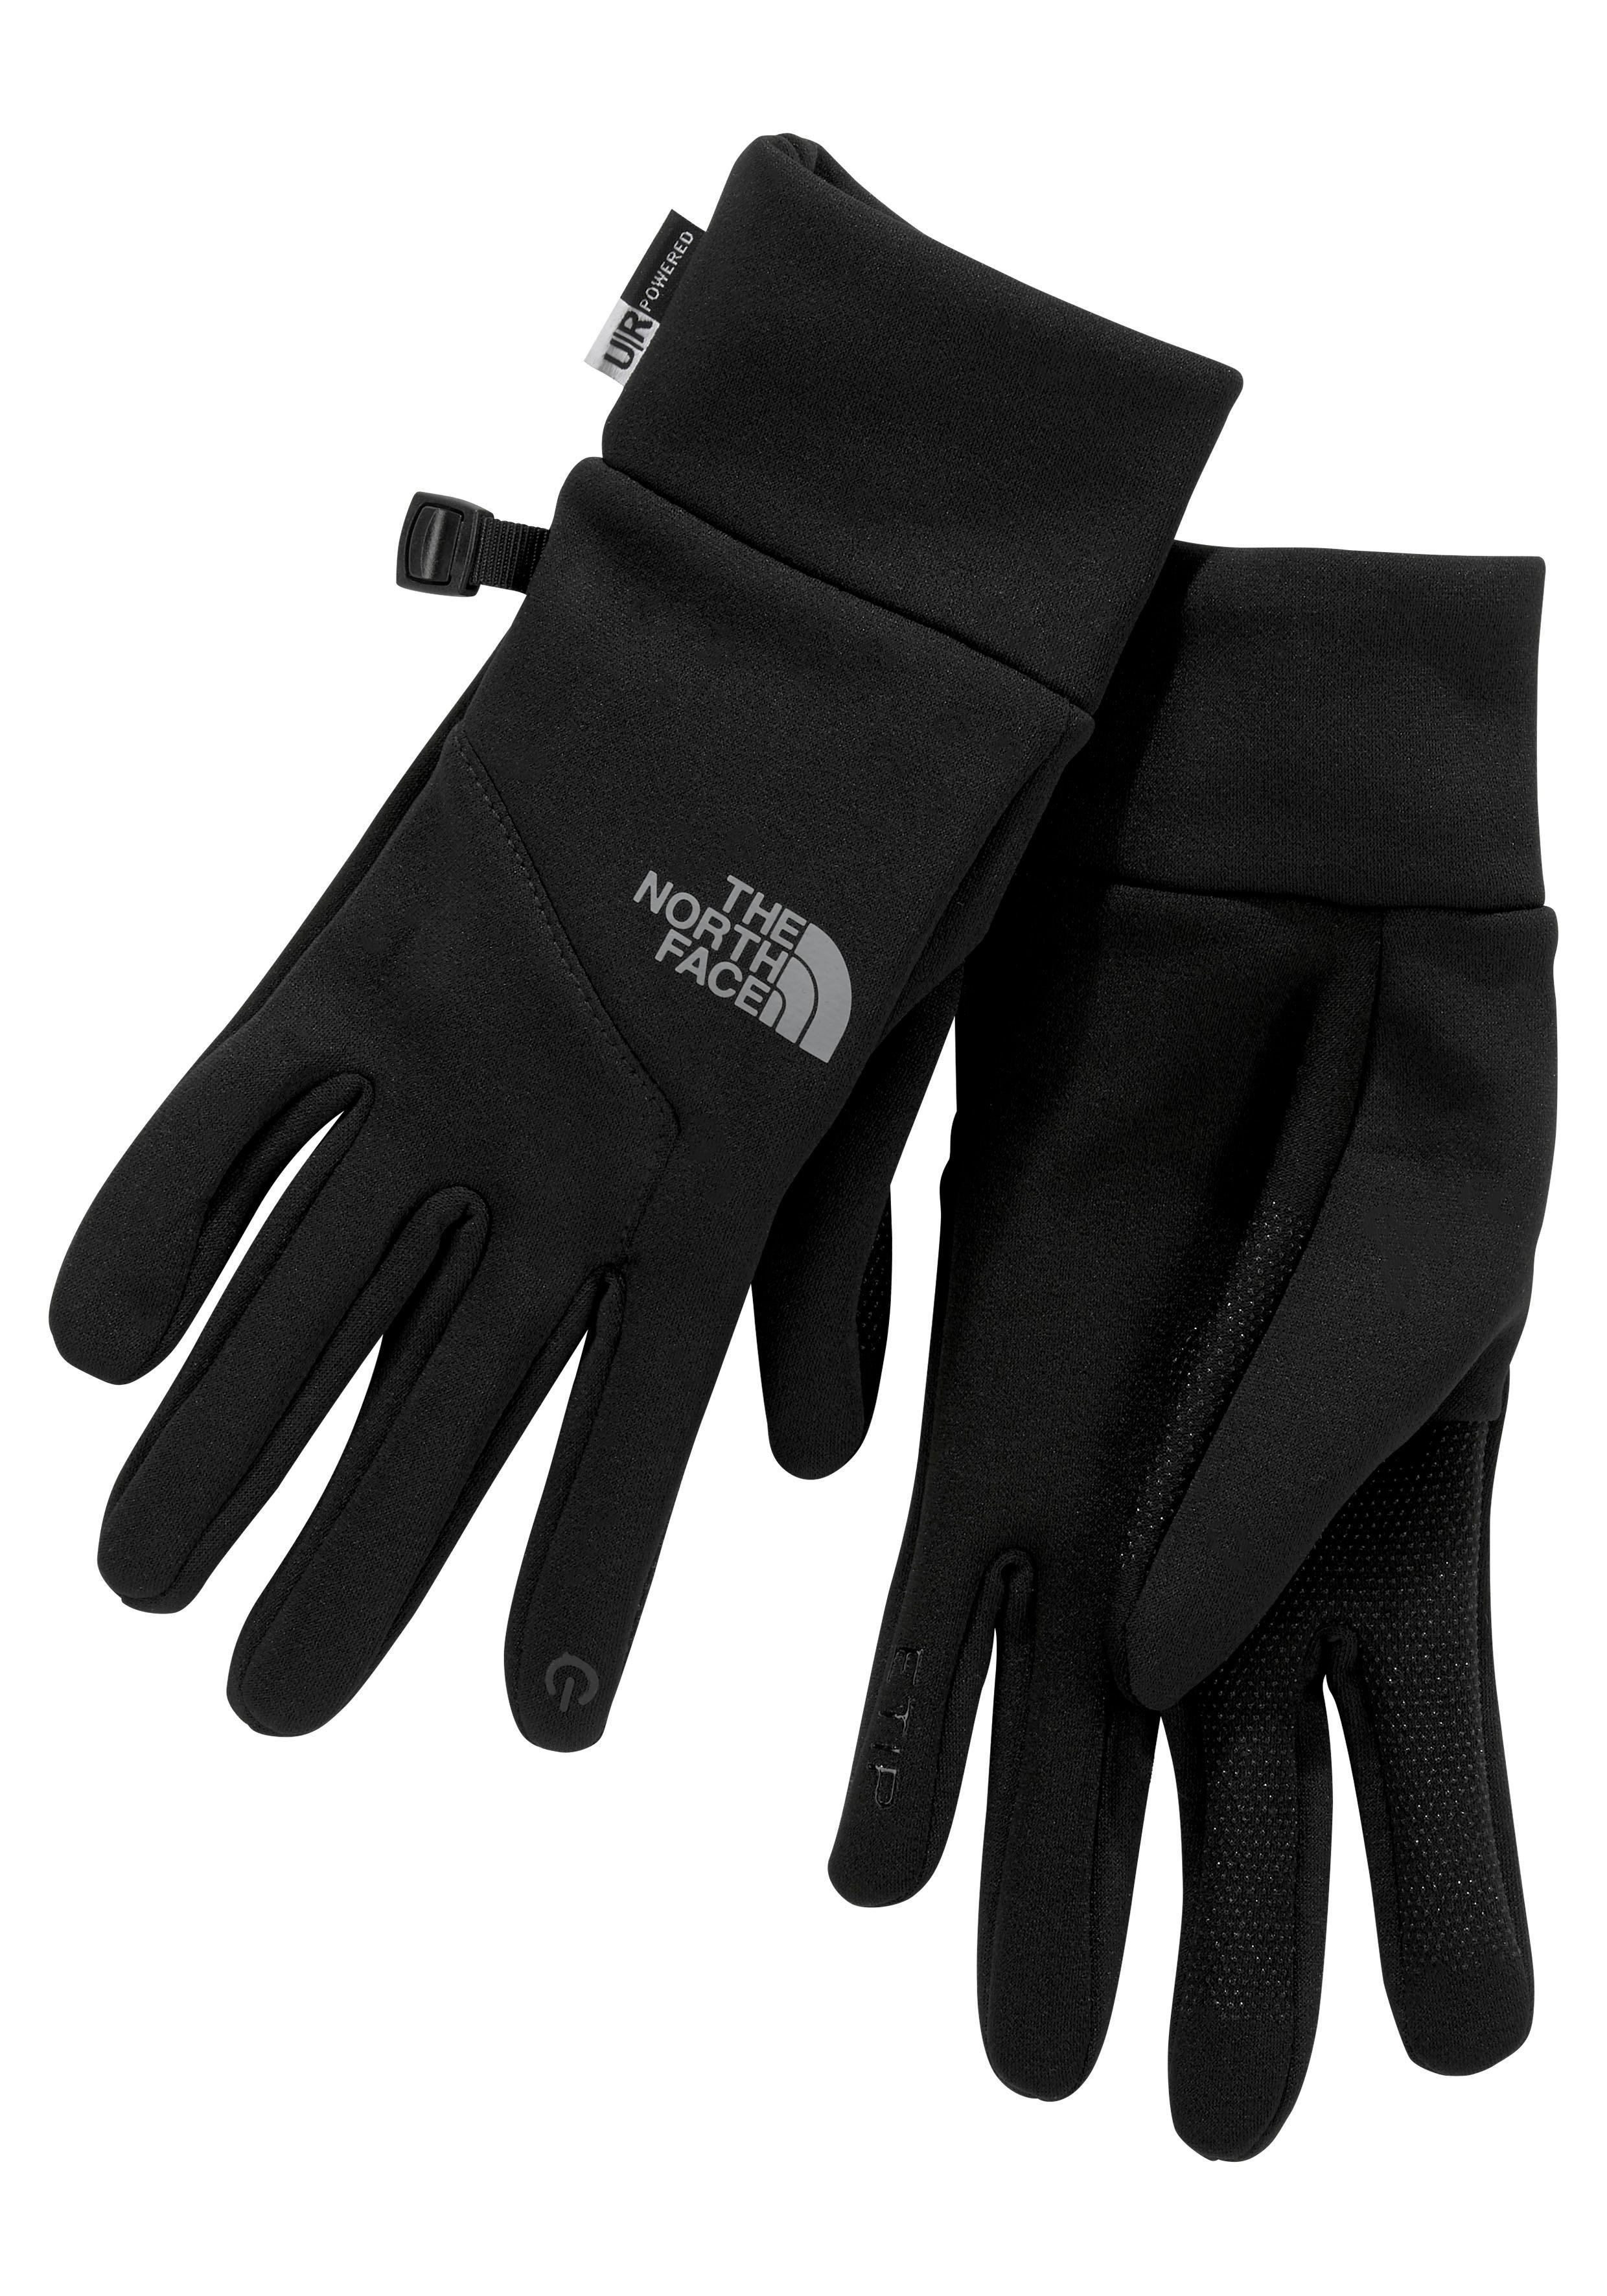 The North Face running-handschoenen »ETIP GLOVE« bestellen: 14 dagen bedenktijd